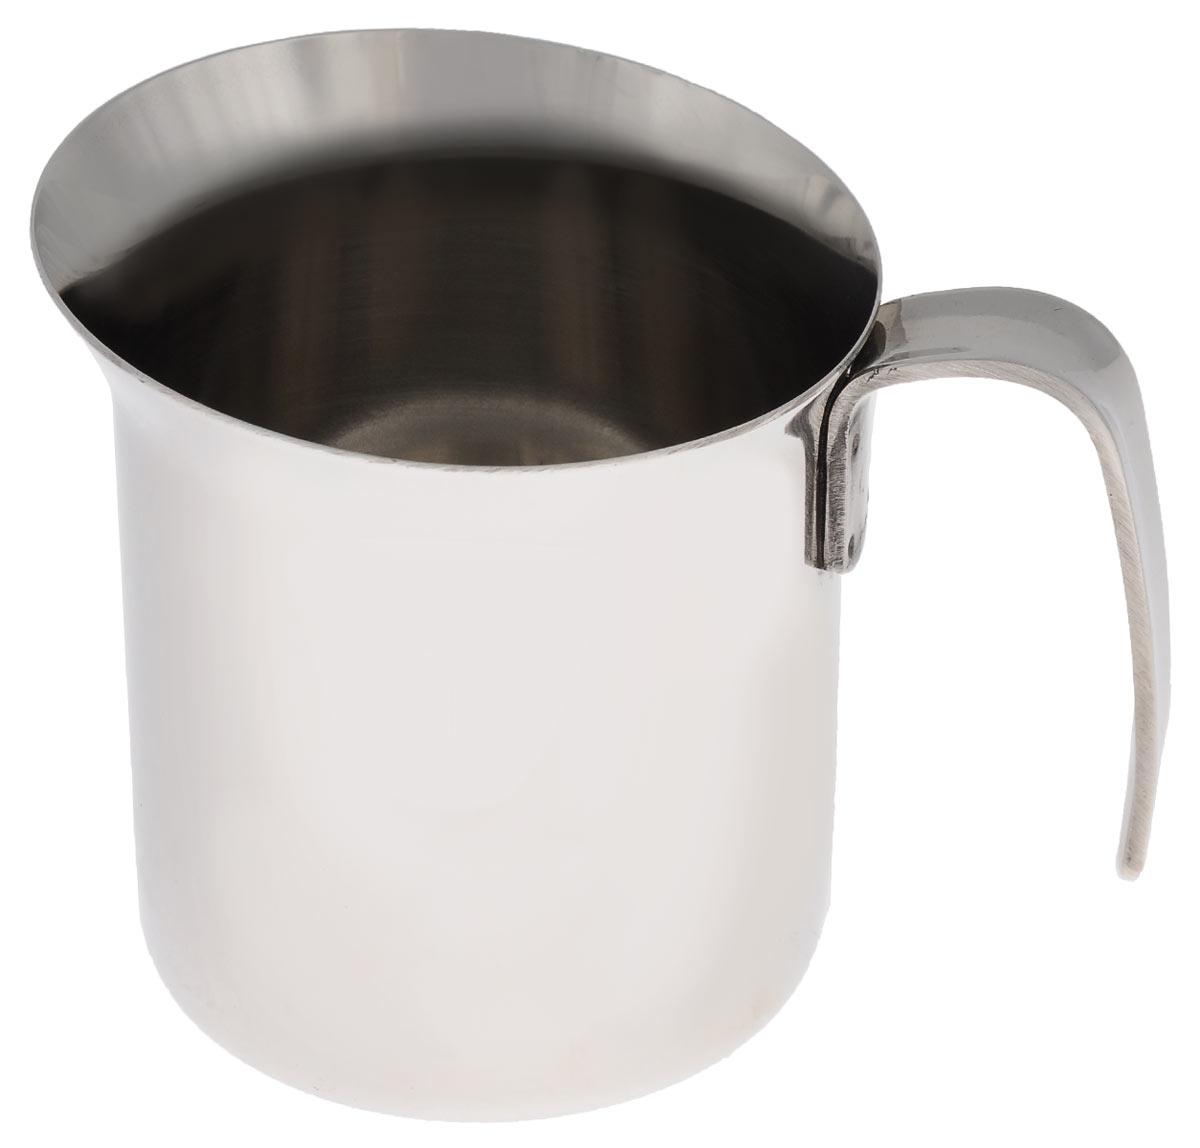 Кружка для взбивания молока Bialetti Lait, 300 мл1802Кружка для взбивания молока Bialetti Lait изготовлена из высококачественной нержавеющей стали. Изделие оснащено ручкой и специальным носиком для удобного выливания жидкости. Зеркальная полировка придает посуде эстетичный вид.Можно использовать на газовых, электрических и стеклокерамических плитах.Объем: 300 мл. Диаметр по верхнему краю: 8,5 см.Диаметр дна: 7 см. Высота стенки: 8,7 см.